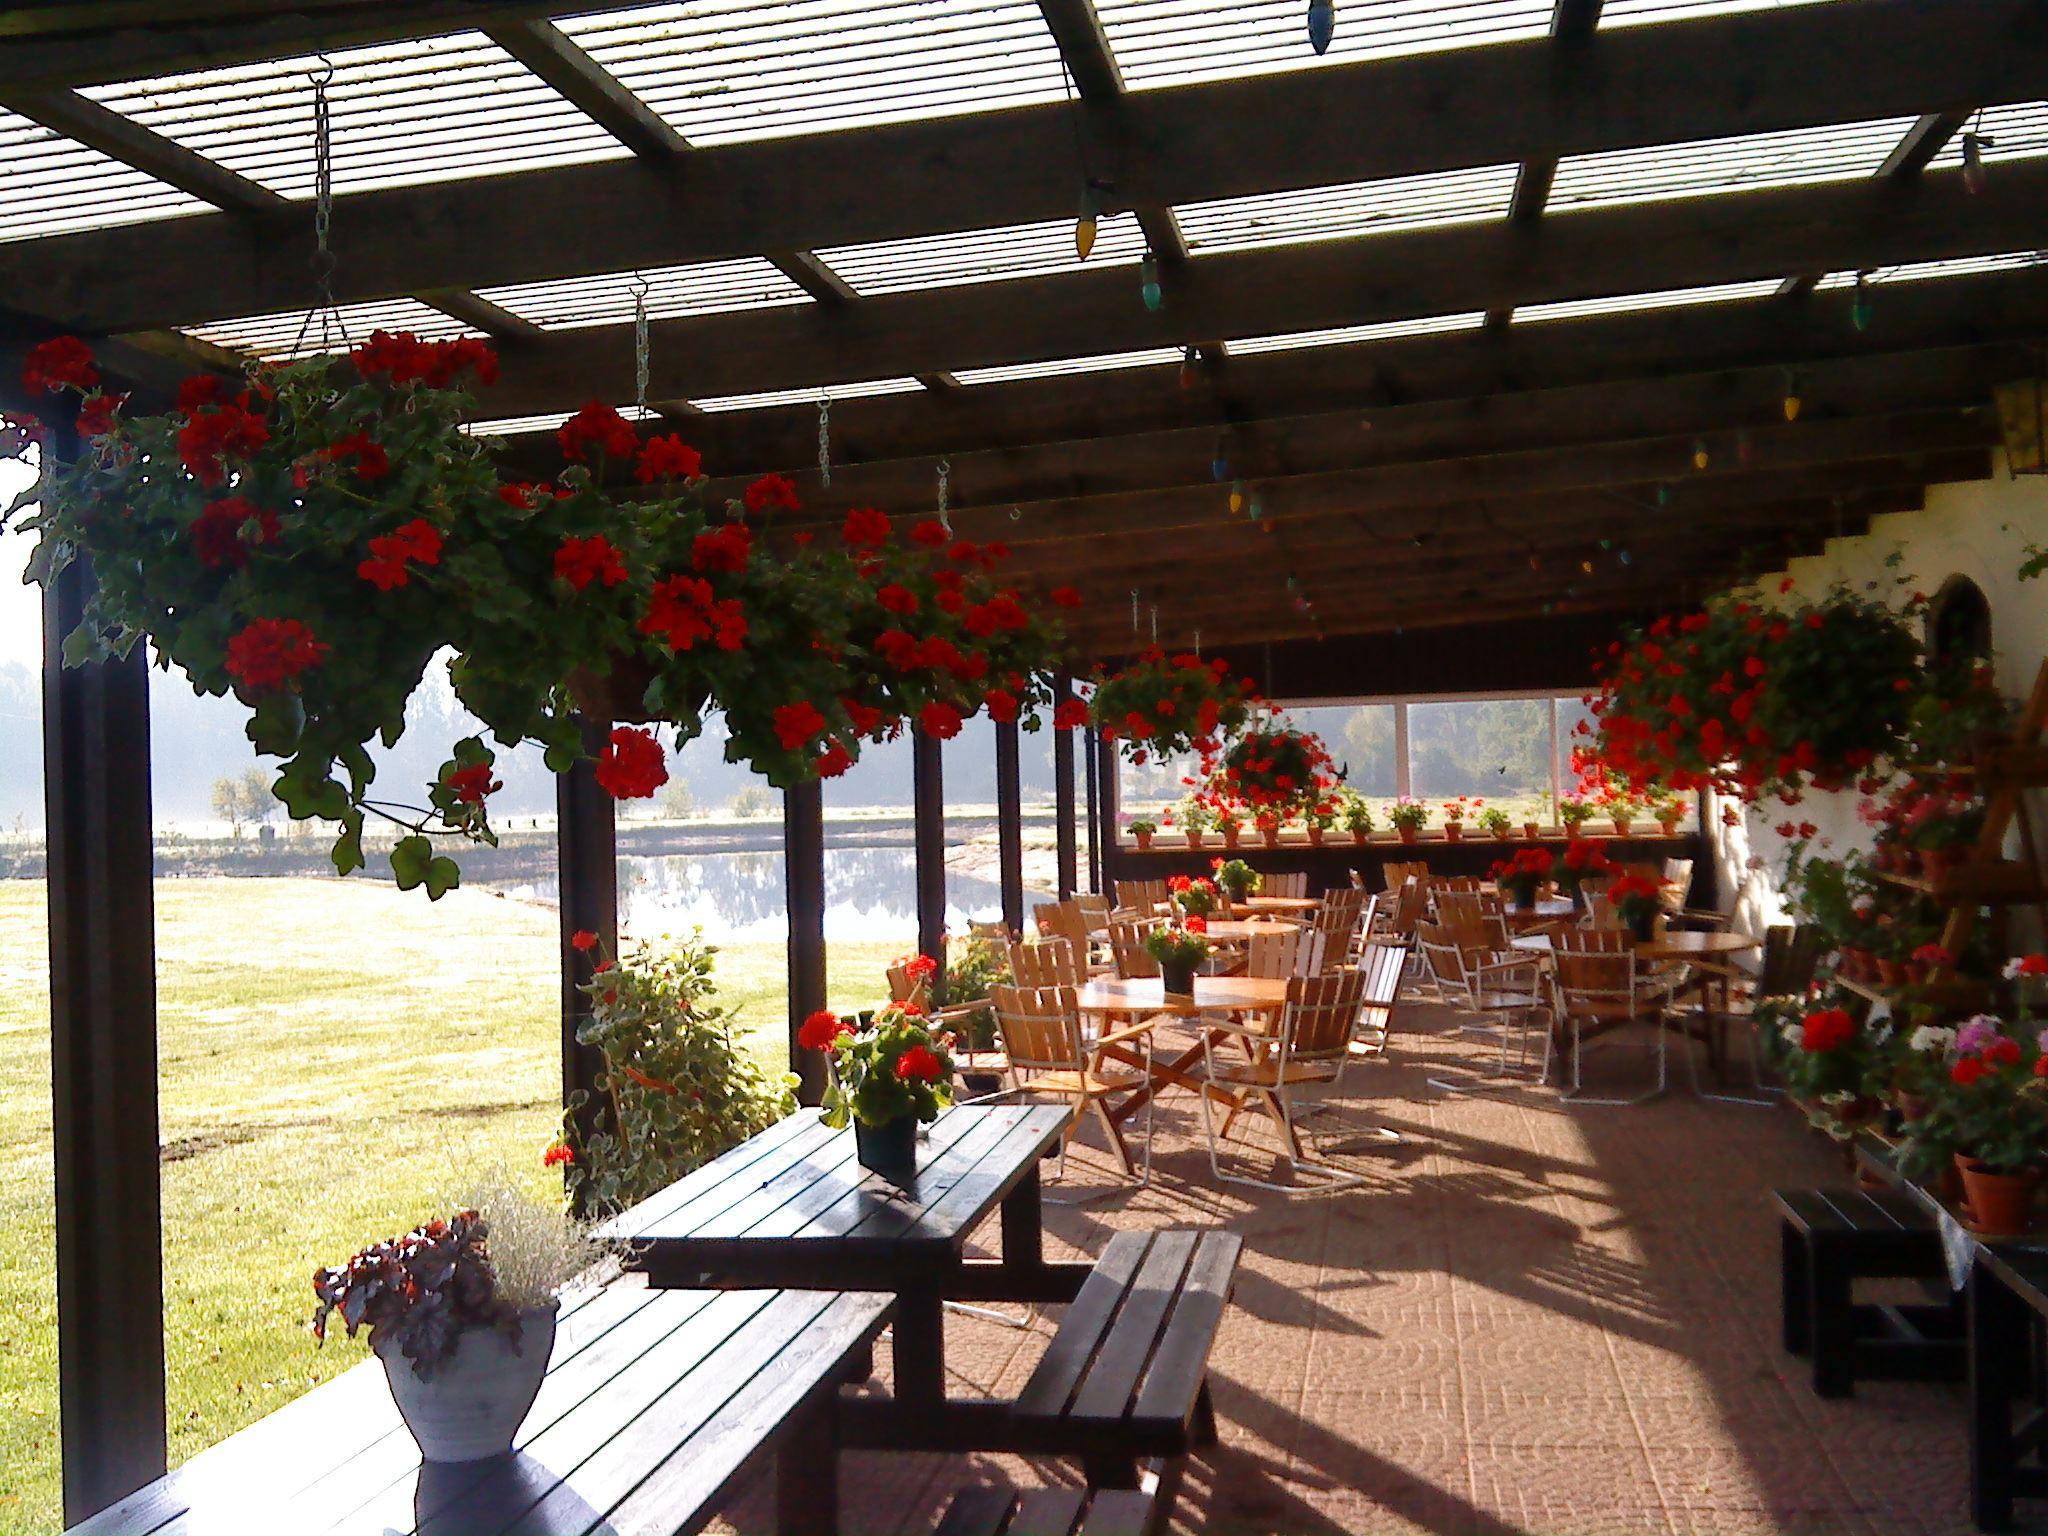 FOTO: Flädergården, Flädergårdens kaffestuga och gårdsbutik